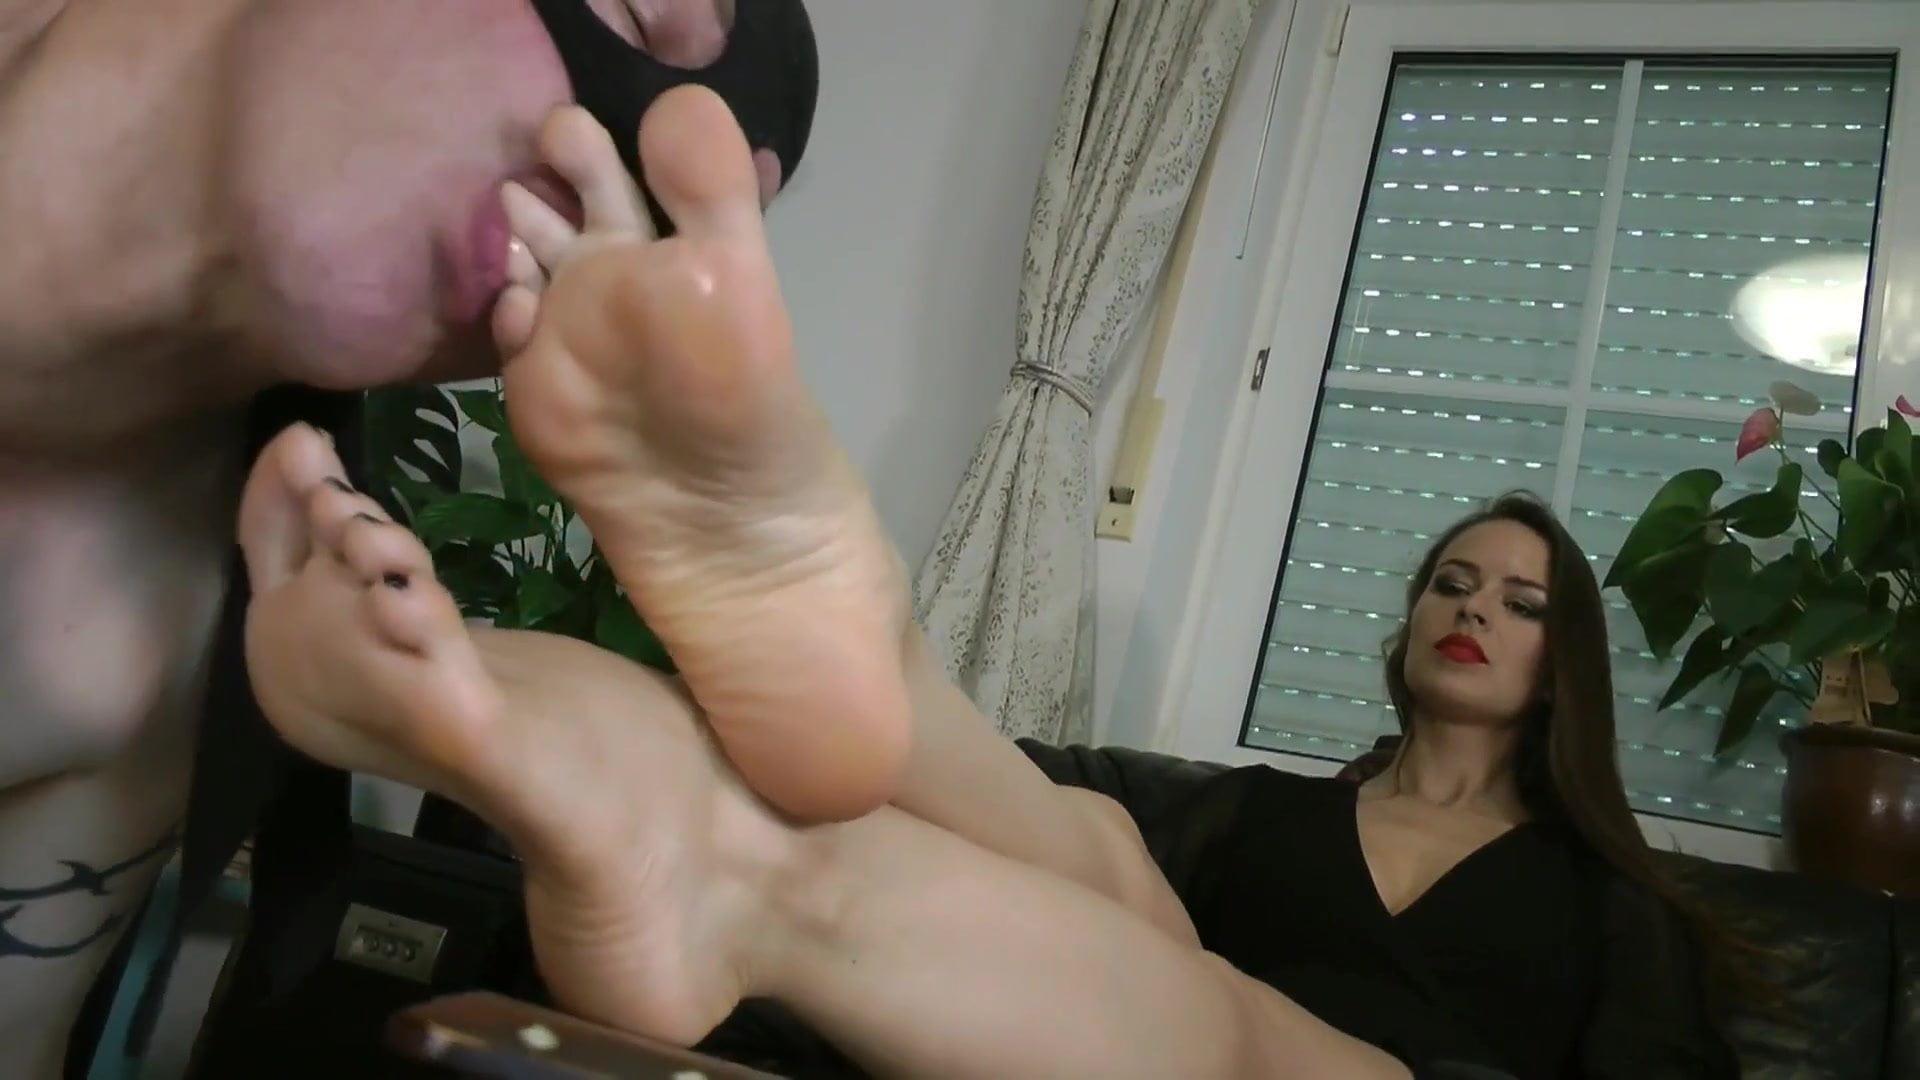 Licking Lesbisch Füße Riechen Lesbisch Riechen